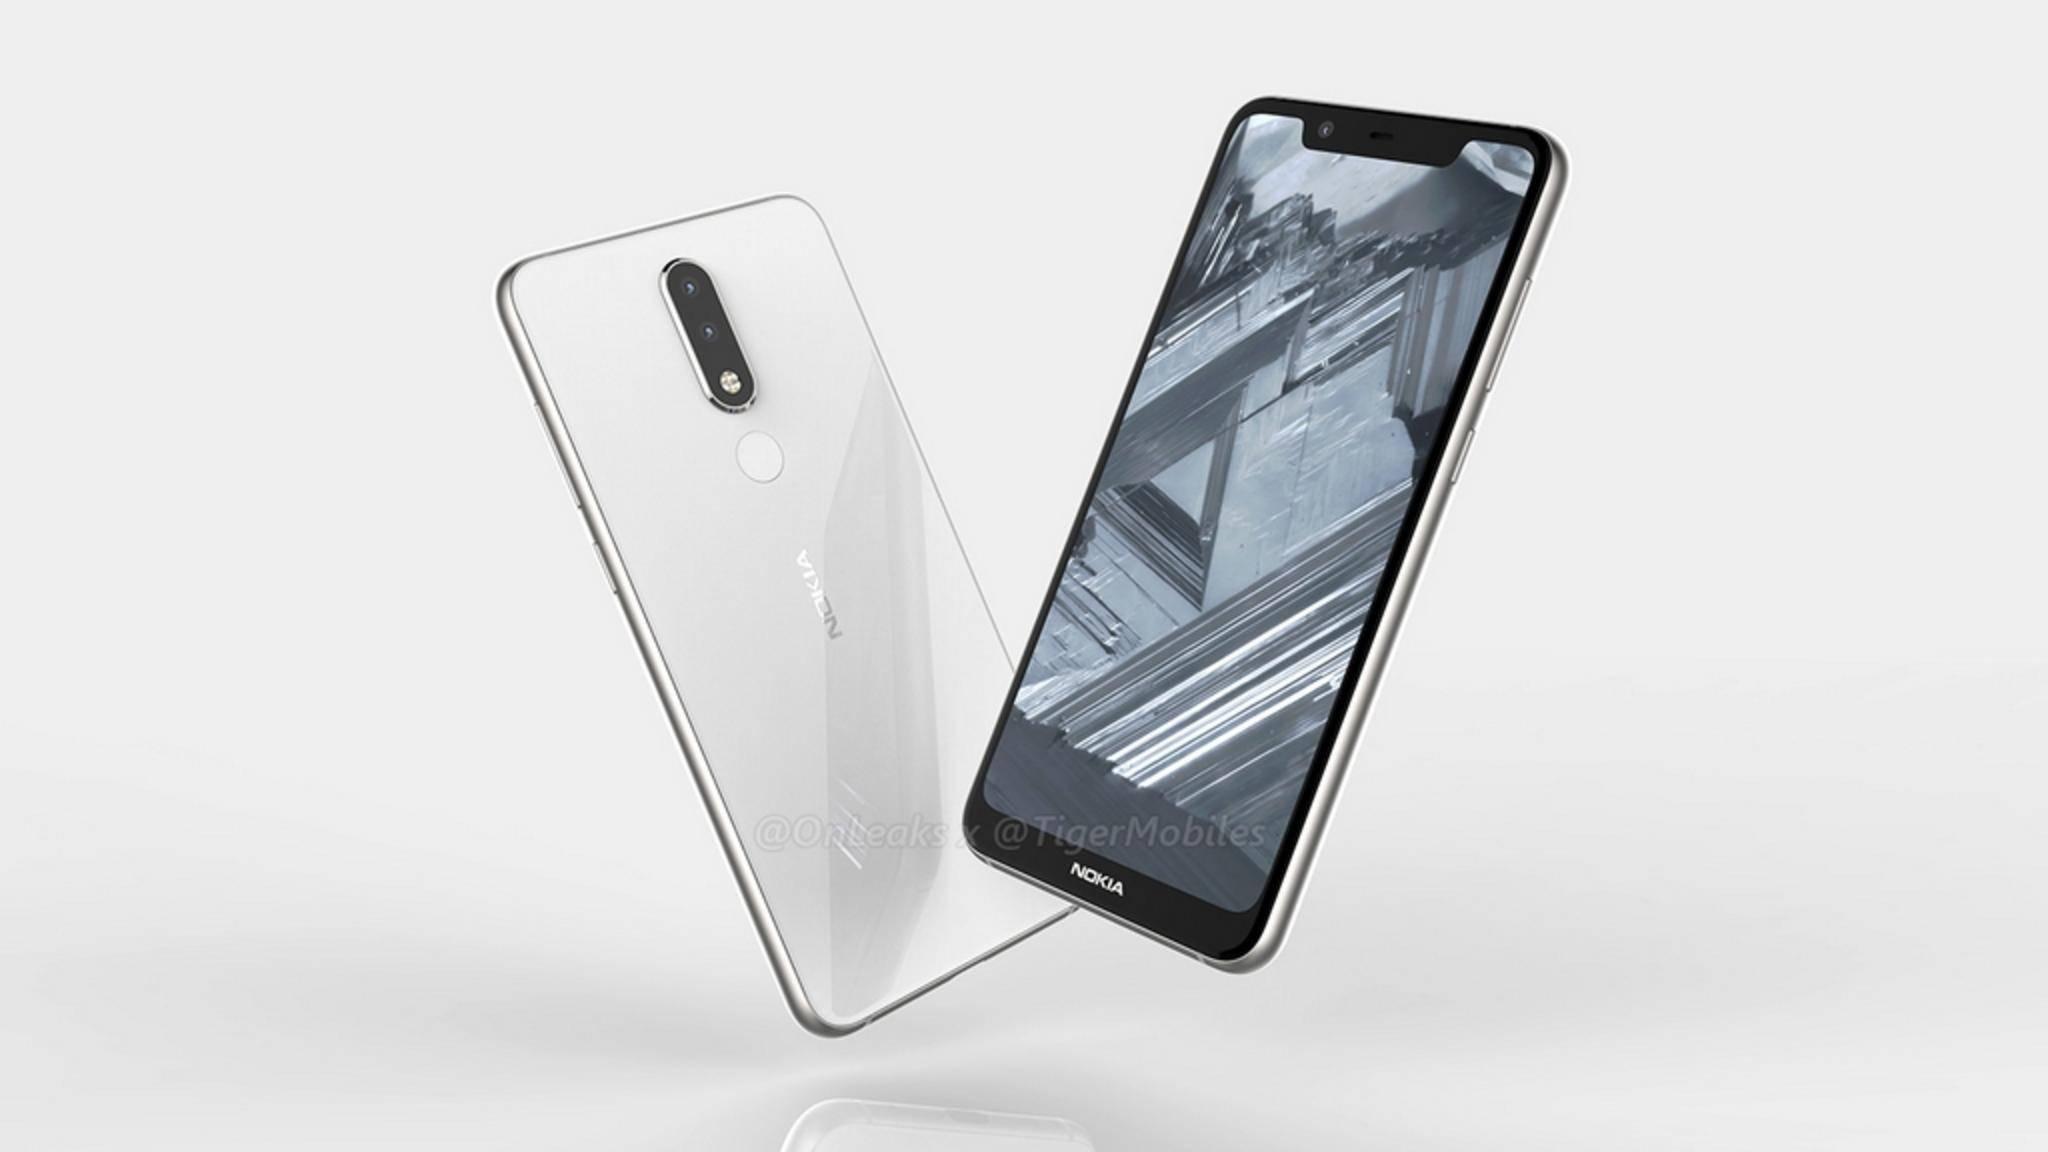 Das Nokia 5.1 Plus soll ein günstiges Smartphone mit modernem Look werden.